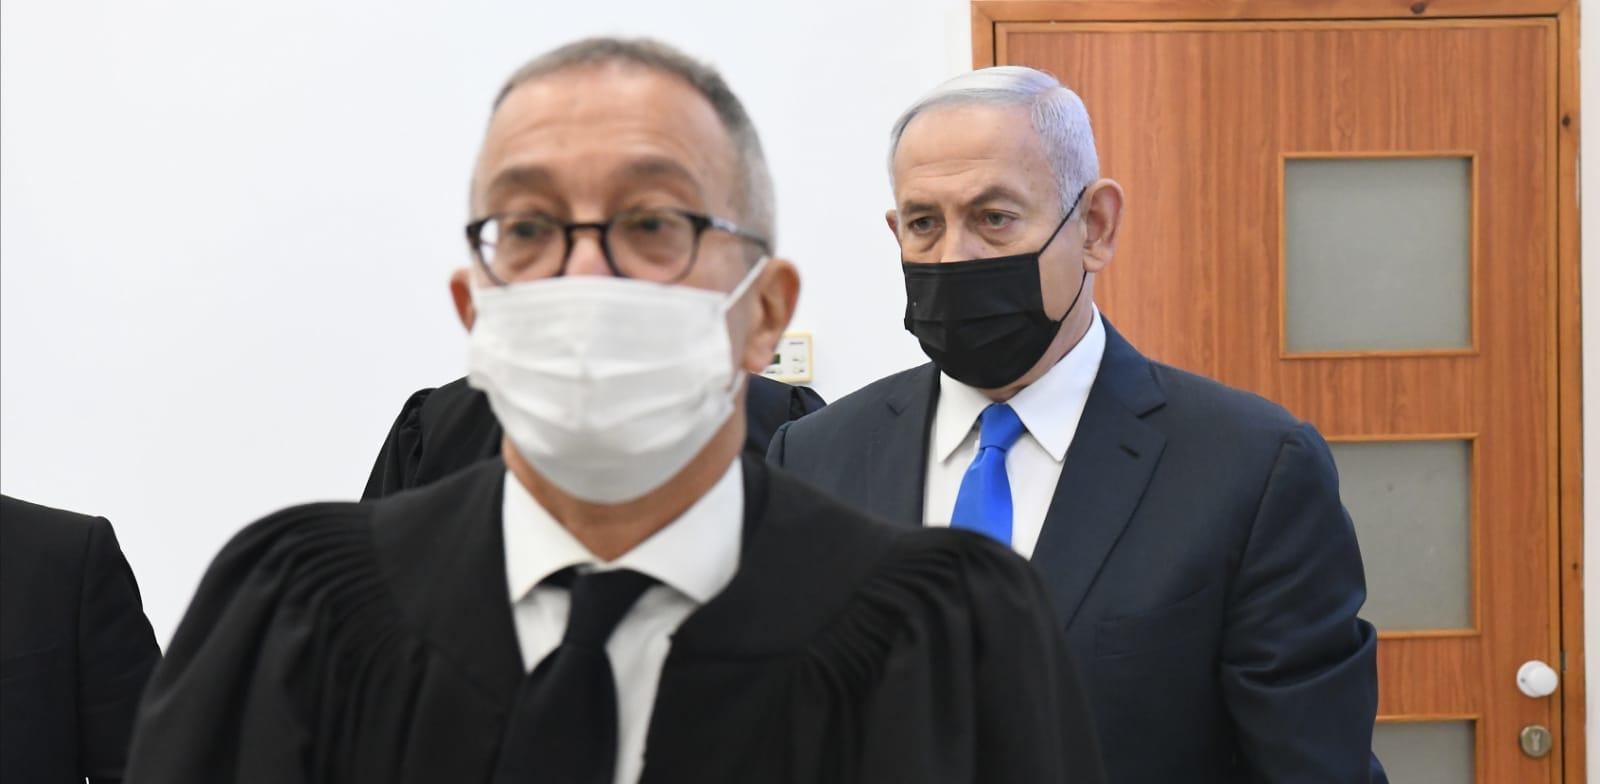 """עו""""ד בעז בן-צור במשפטו של בנימין נתניהו / צילום: ראובן קסטרו, וואלה! NEWS"""